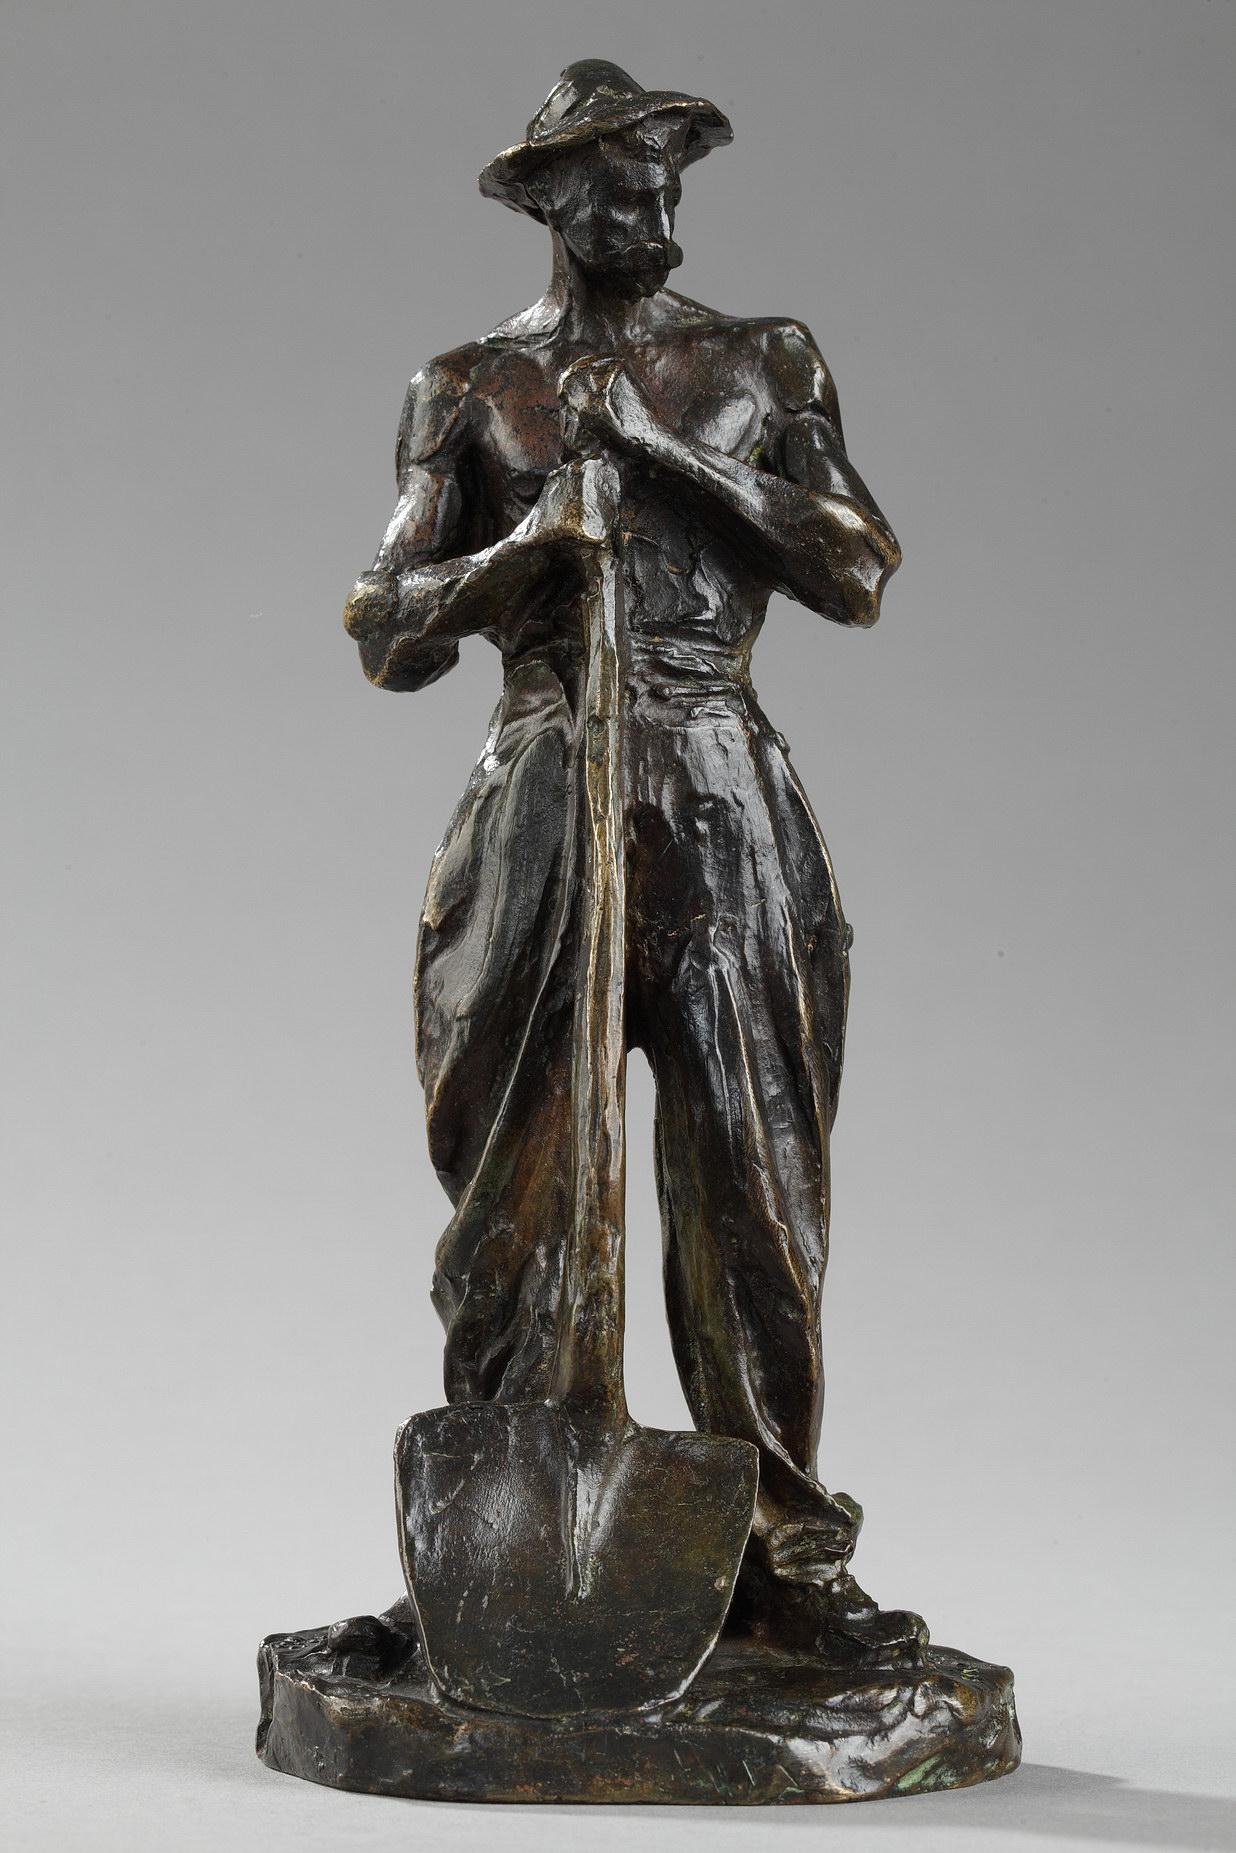 """Jules Dalou (1838-1902), """"Terrassier appuyé sur une pelle"""", bronze à patine marron très nuancé, fonte Susse, haut. 20 cm, sculptures - galerie Tourbillon, Paris"""